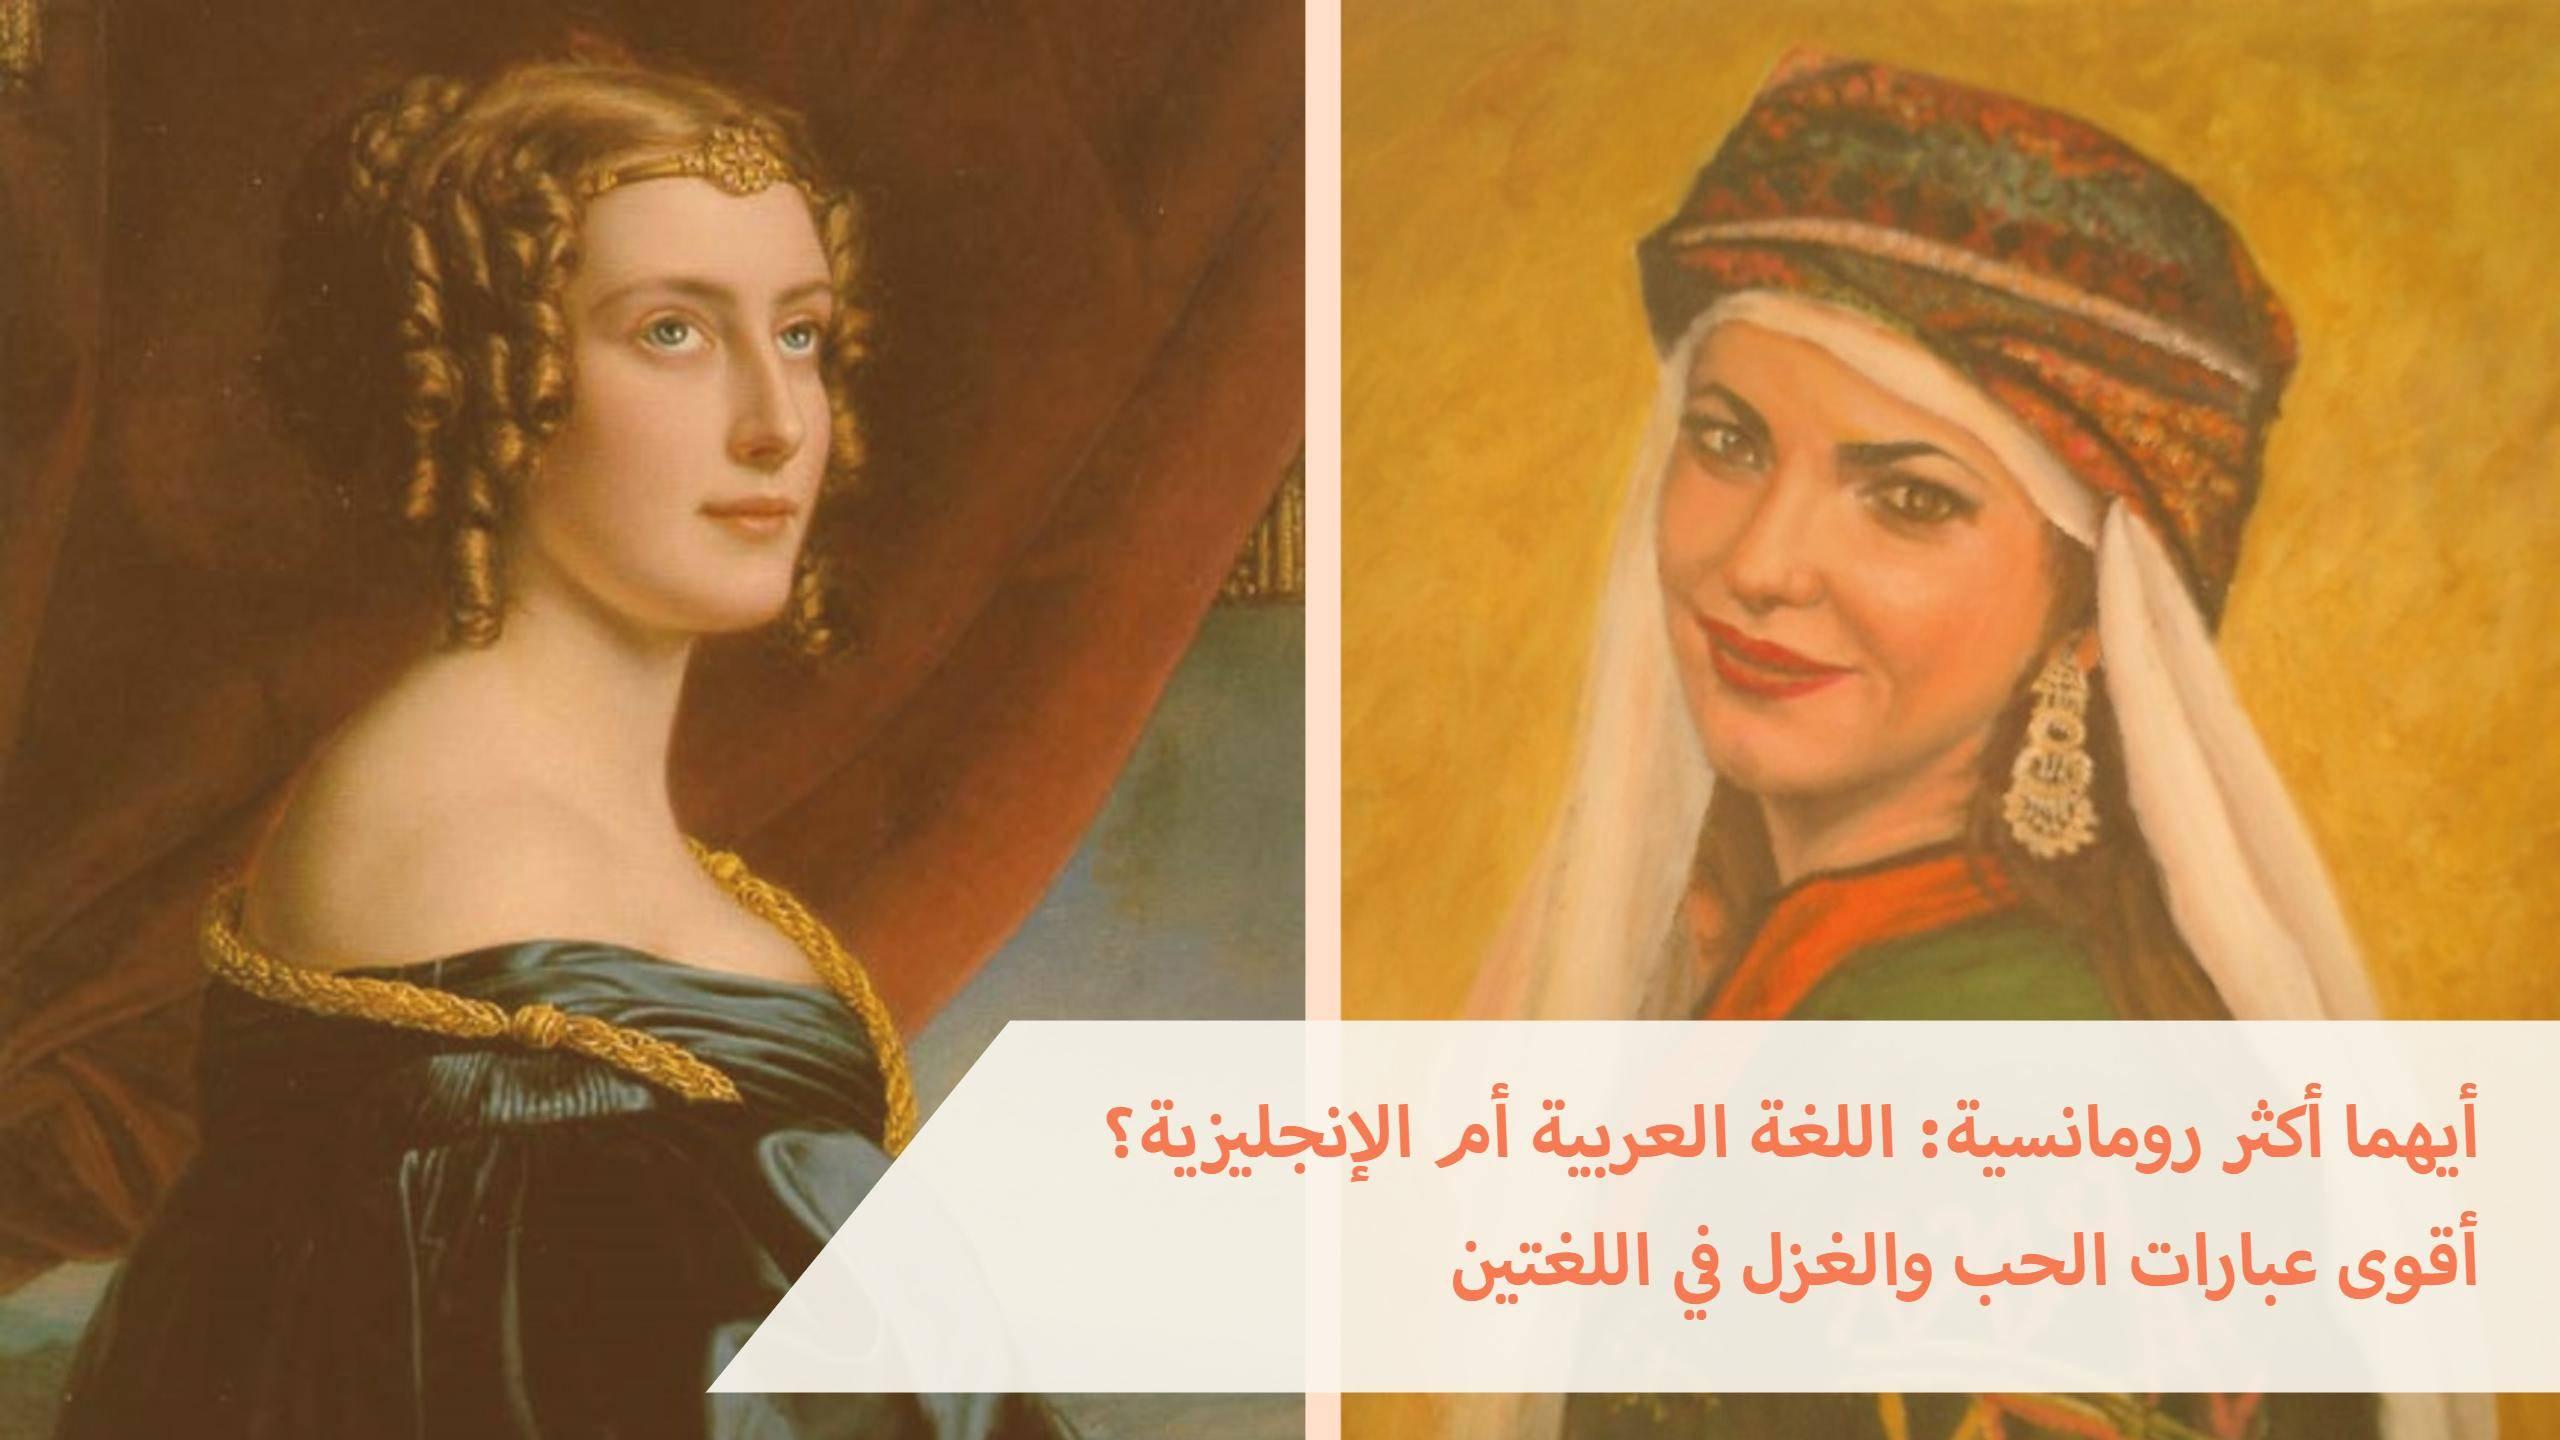 أجمل كلمات الحب والغزل في اللغة العربية والإنجليزية